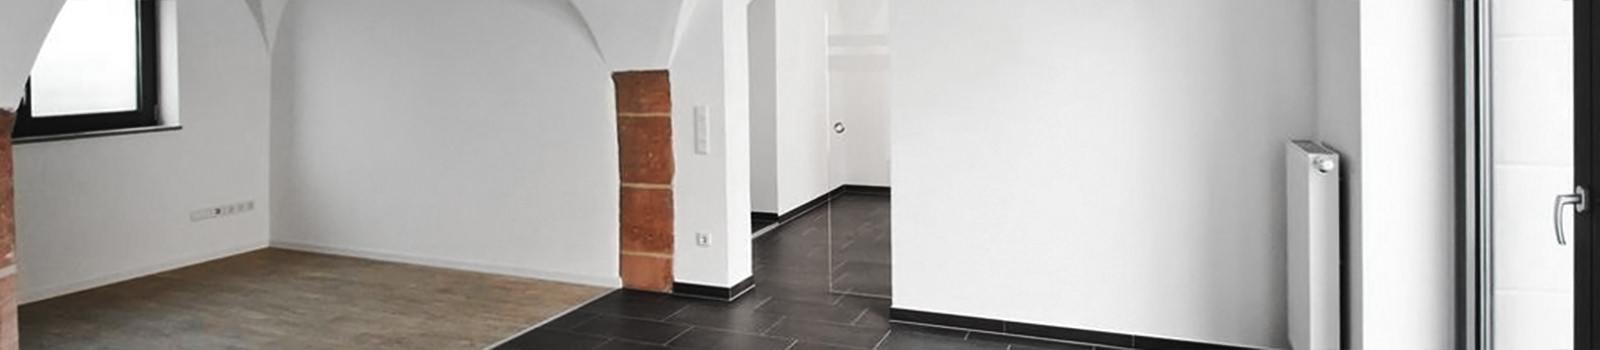 Daten_und_Bau_Immobilien_bspmedia_52